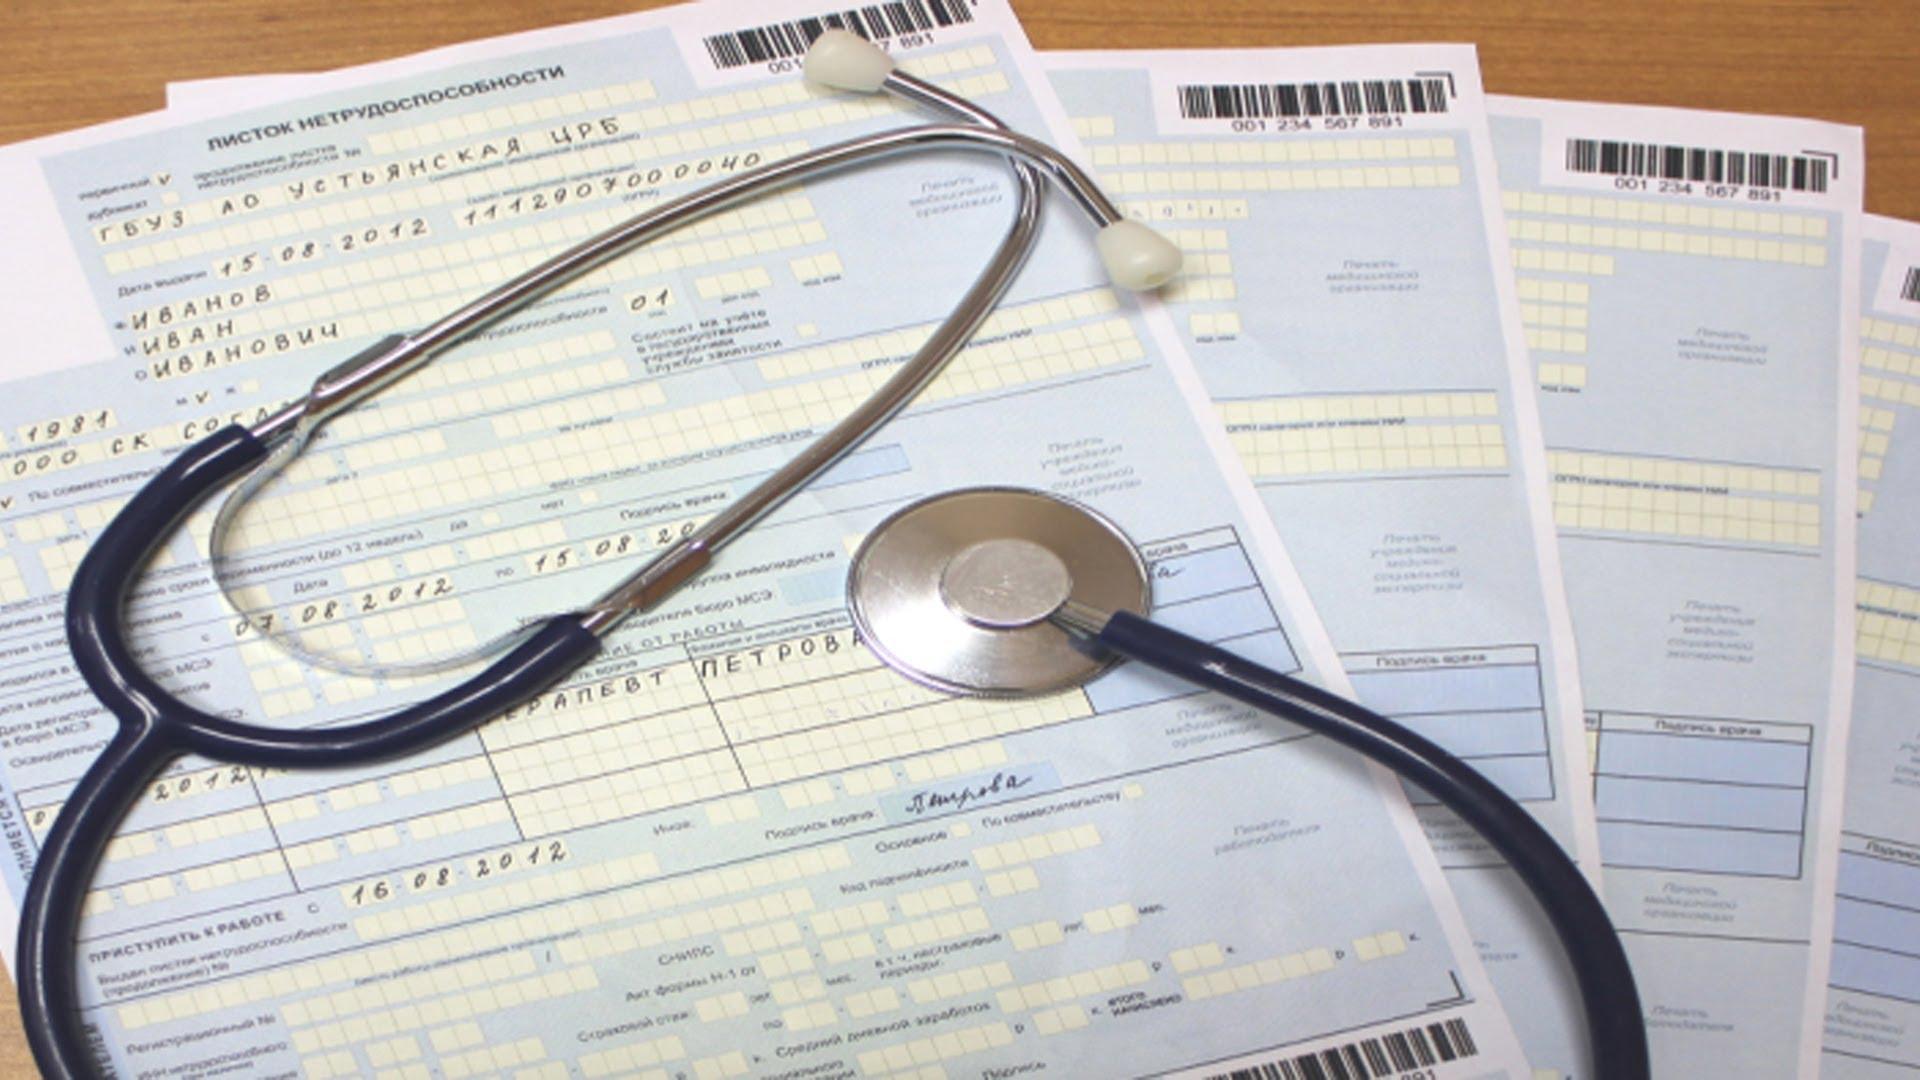 Как рассчитывается больничный: в обычном режиме и по причине беременности и родам